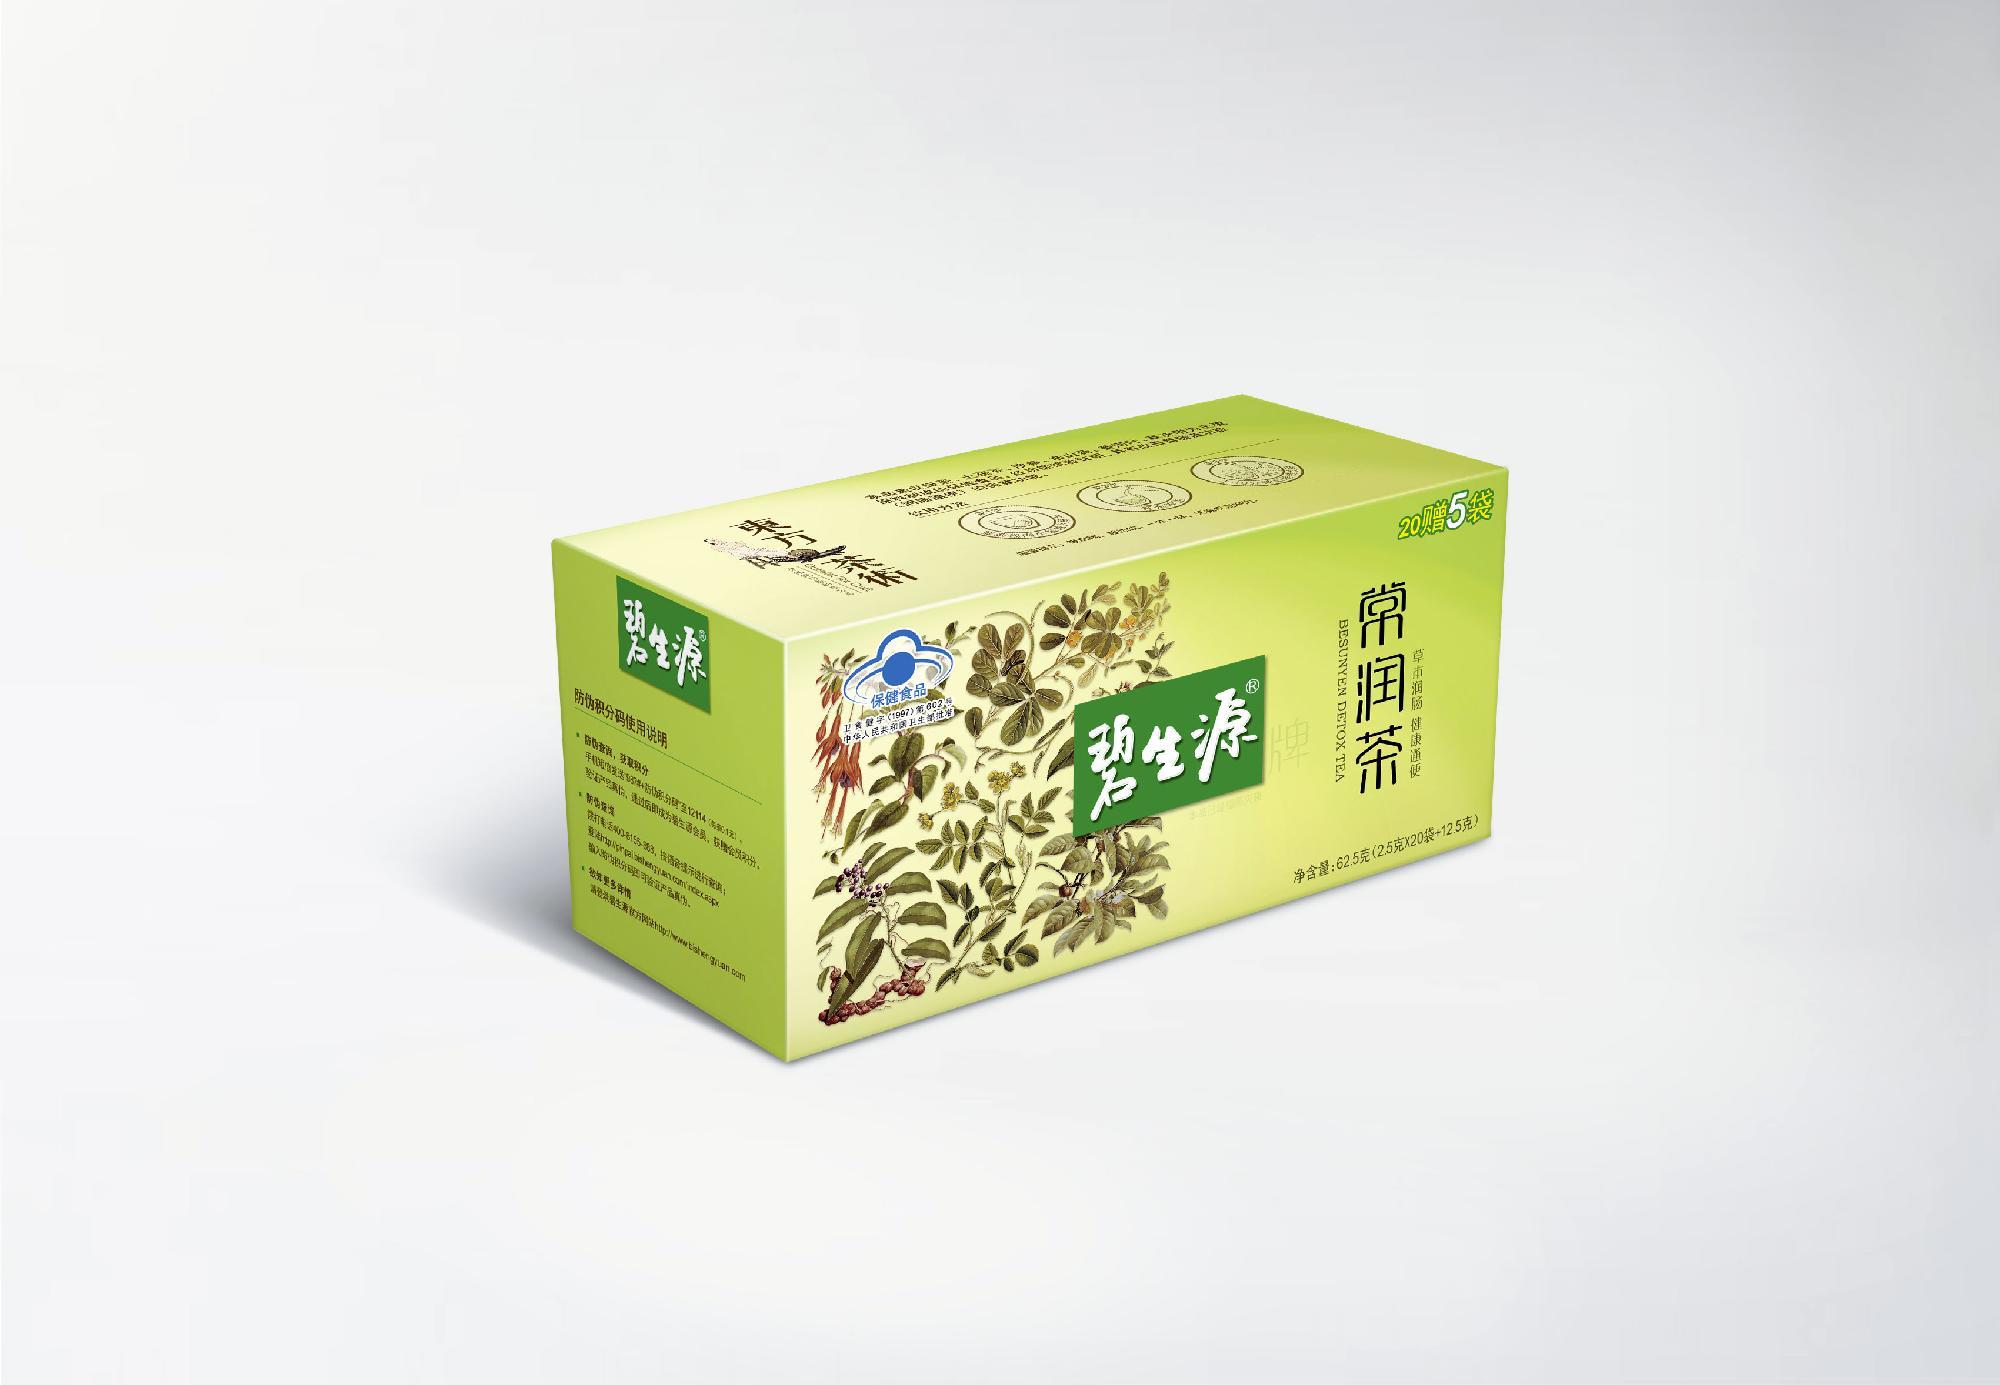 碧生源_碧生源常润茶 - 搜狗百科